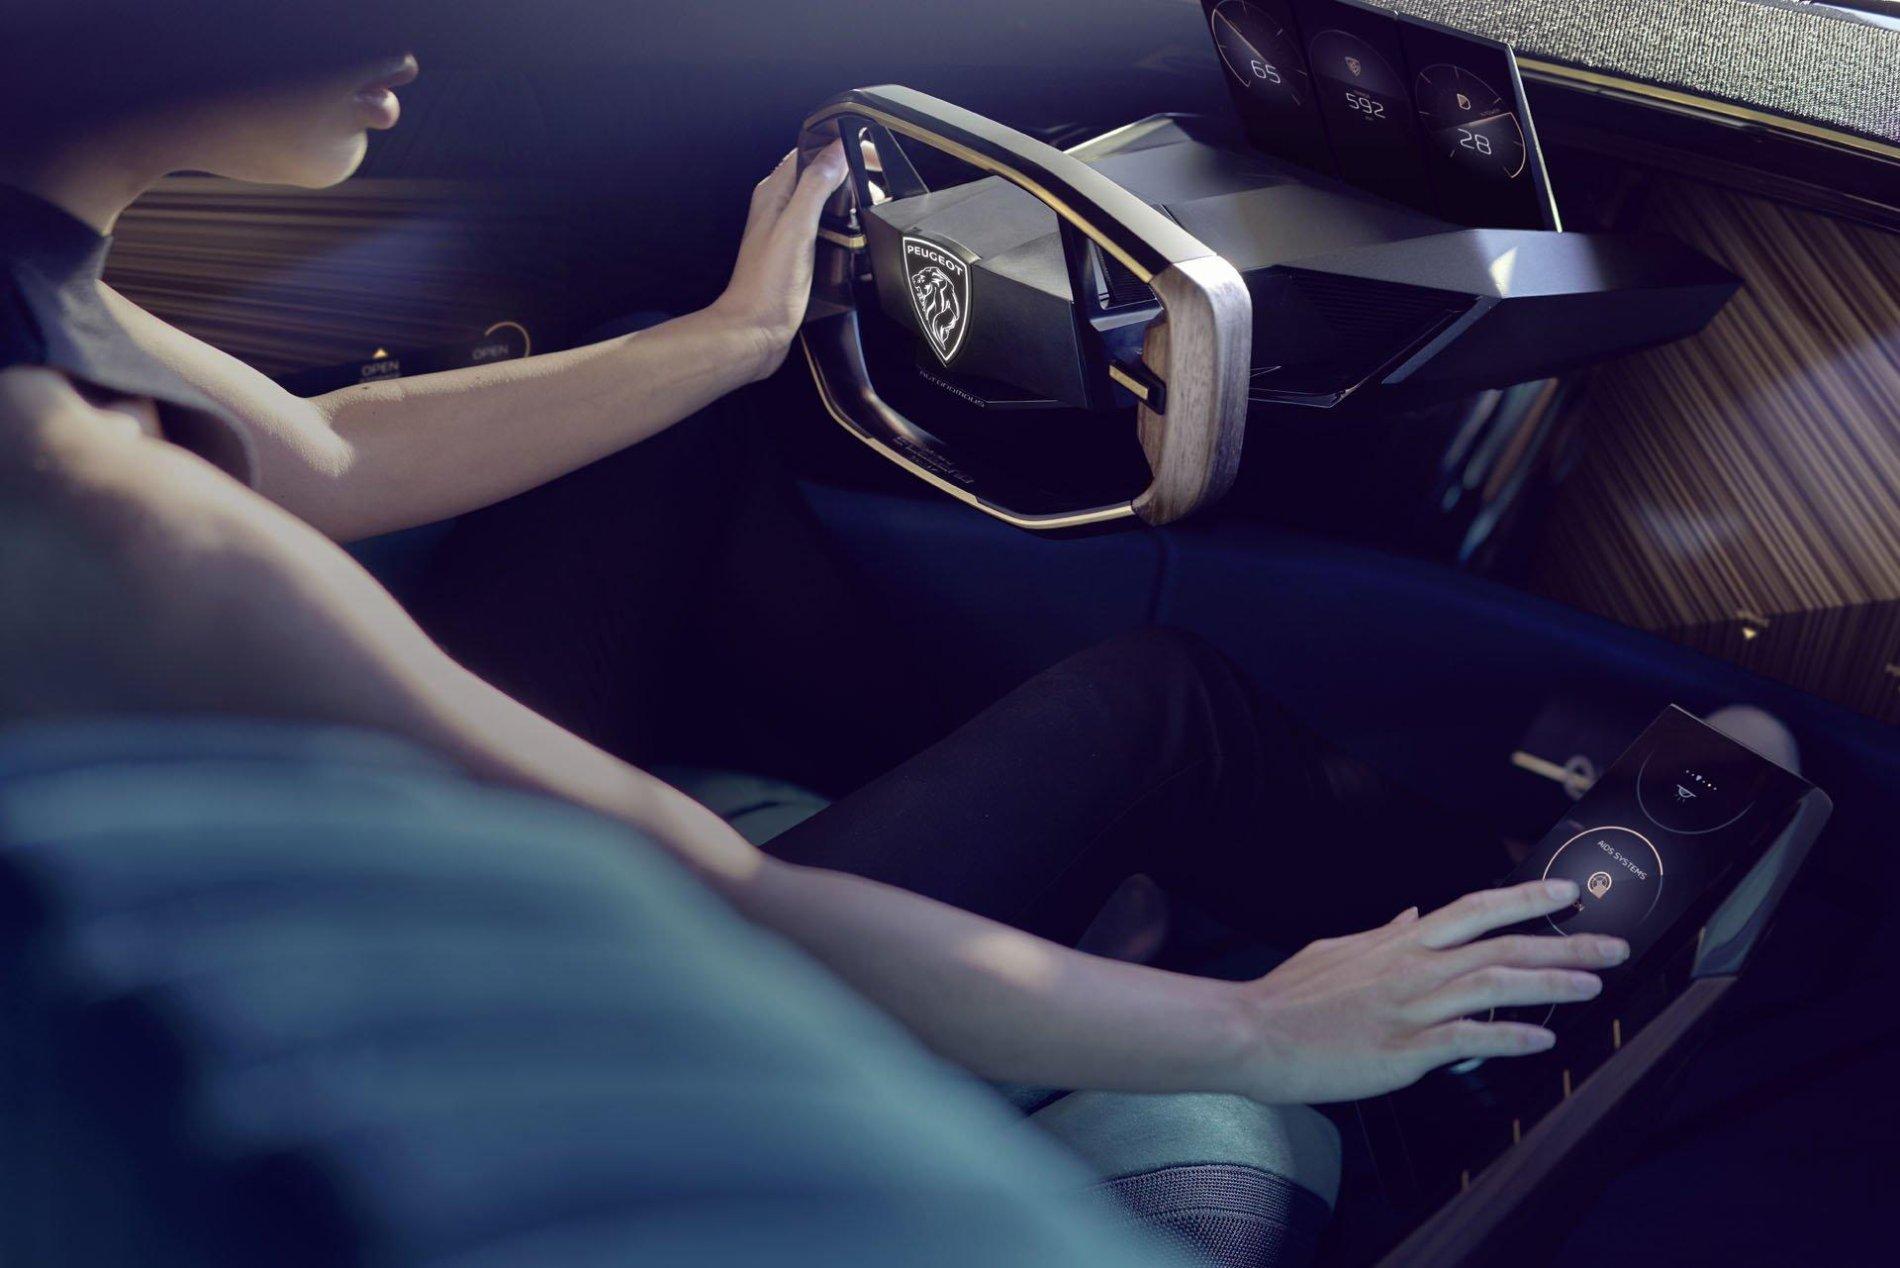 Peugeot e-Legend Concept - Peugeot e-Legend Concept